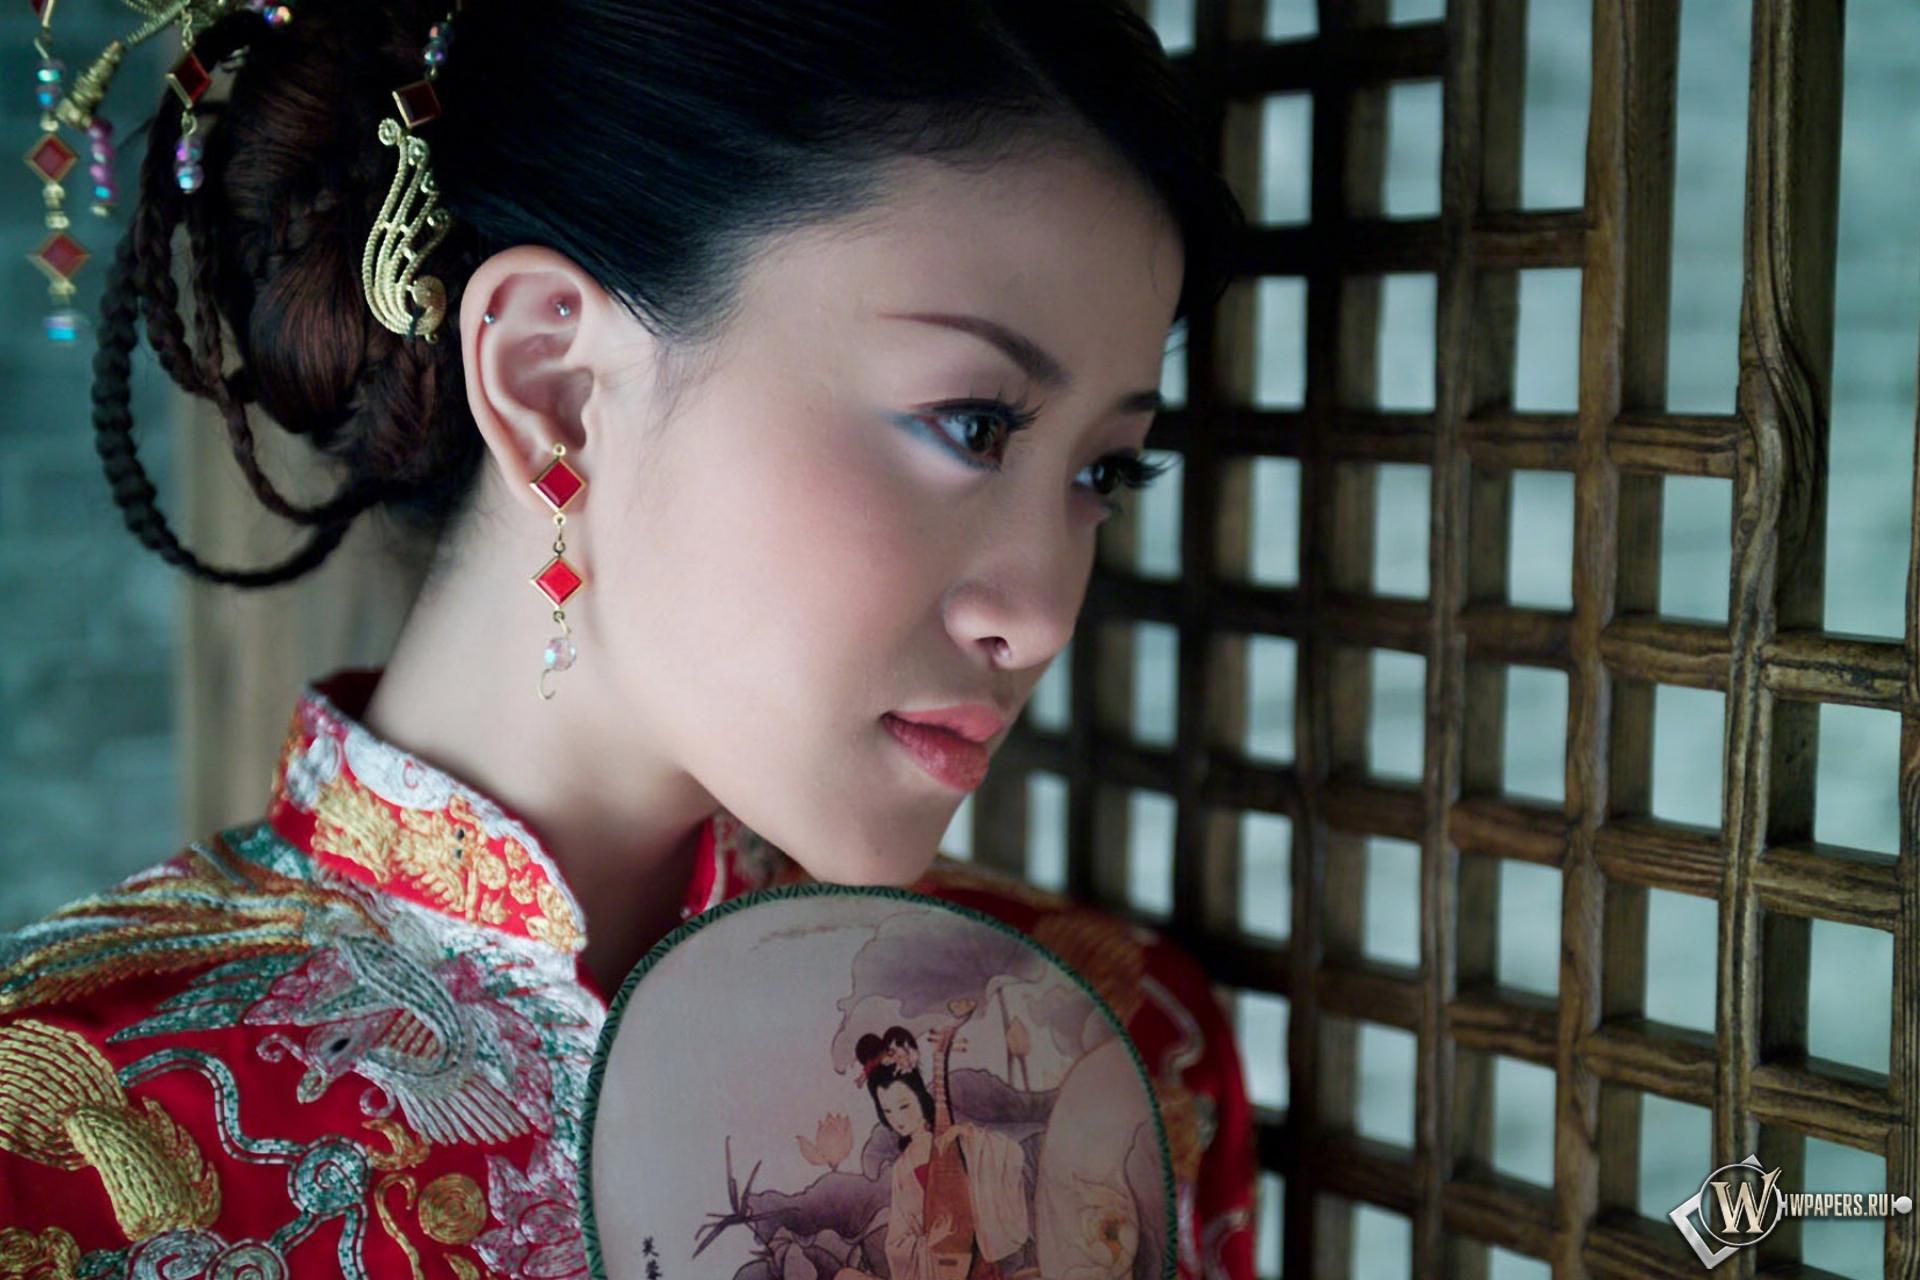 Смотреть онлайн с китаянкой стоя в одежде 16 фотография